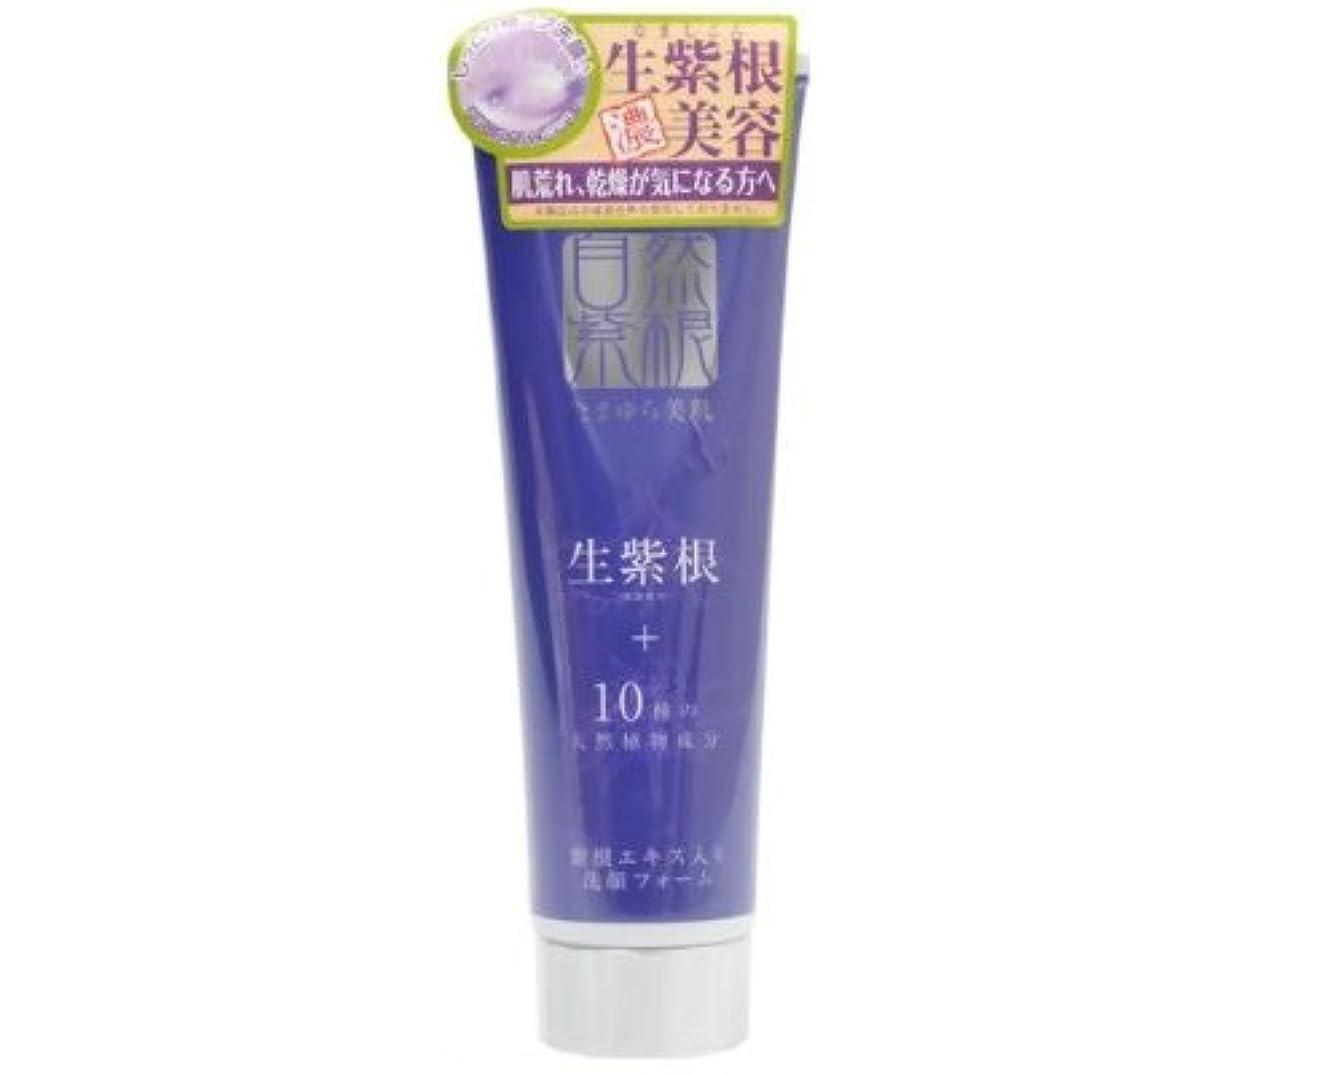 意気消沈したポインタ流体たまゆら美肌 紫の洗顔 150g